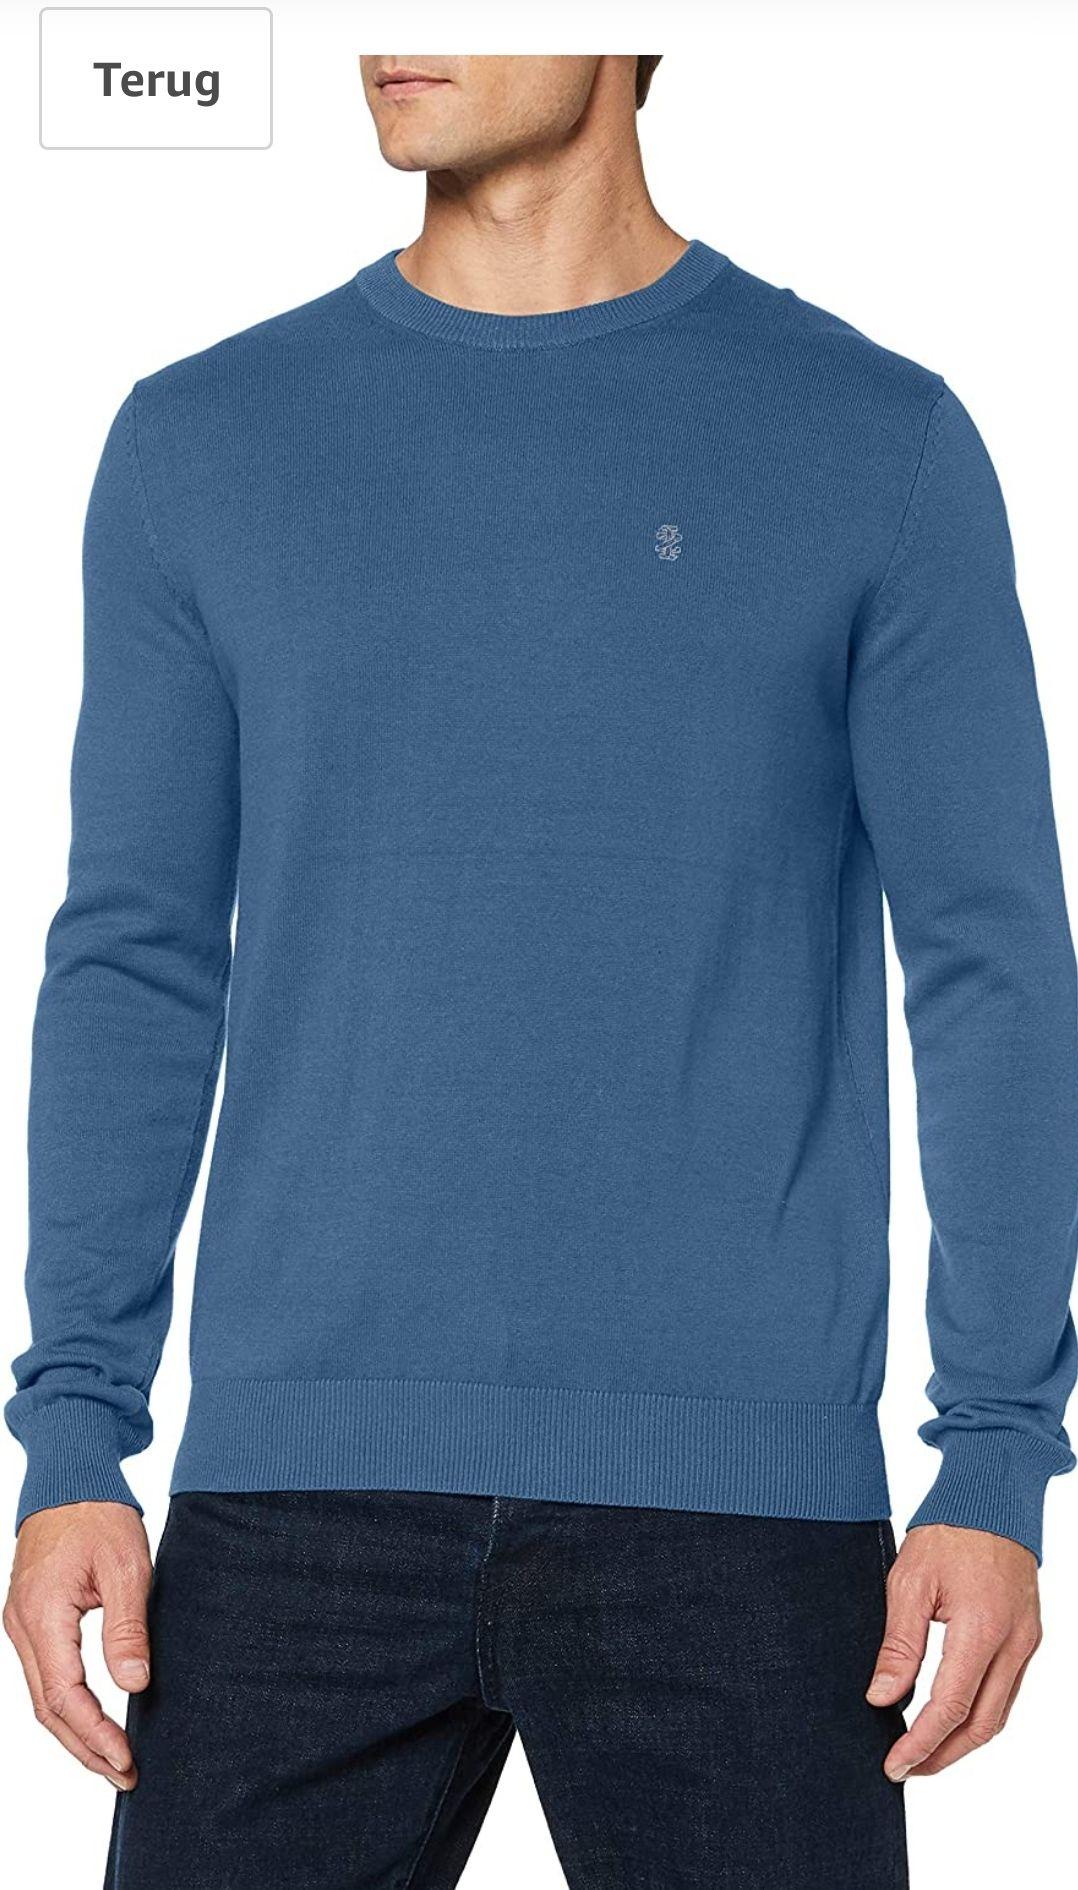 IZOD heren Sweater/Trui maat S/L Blauw